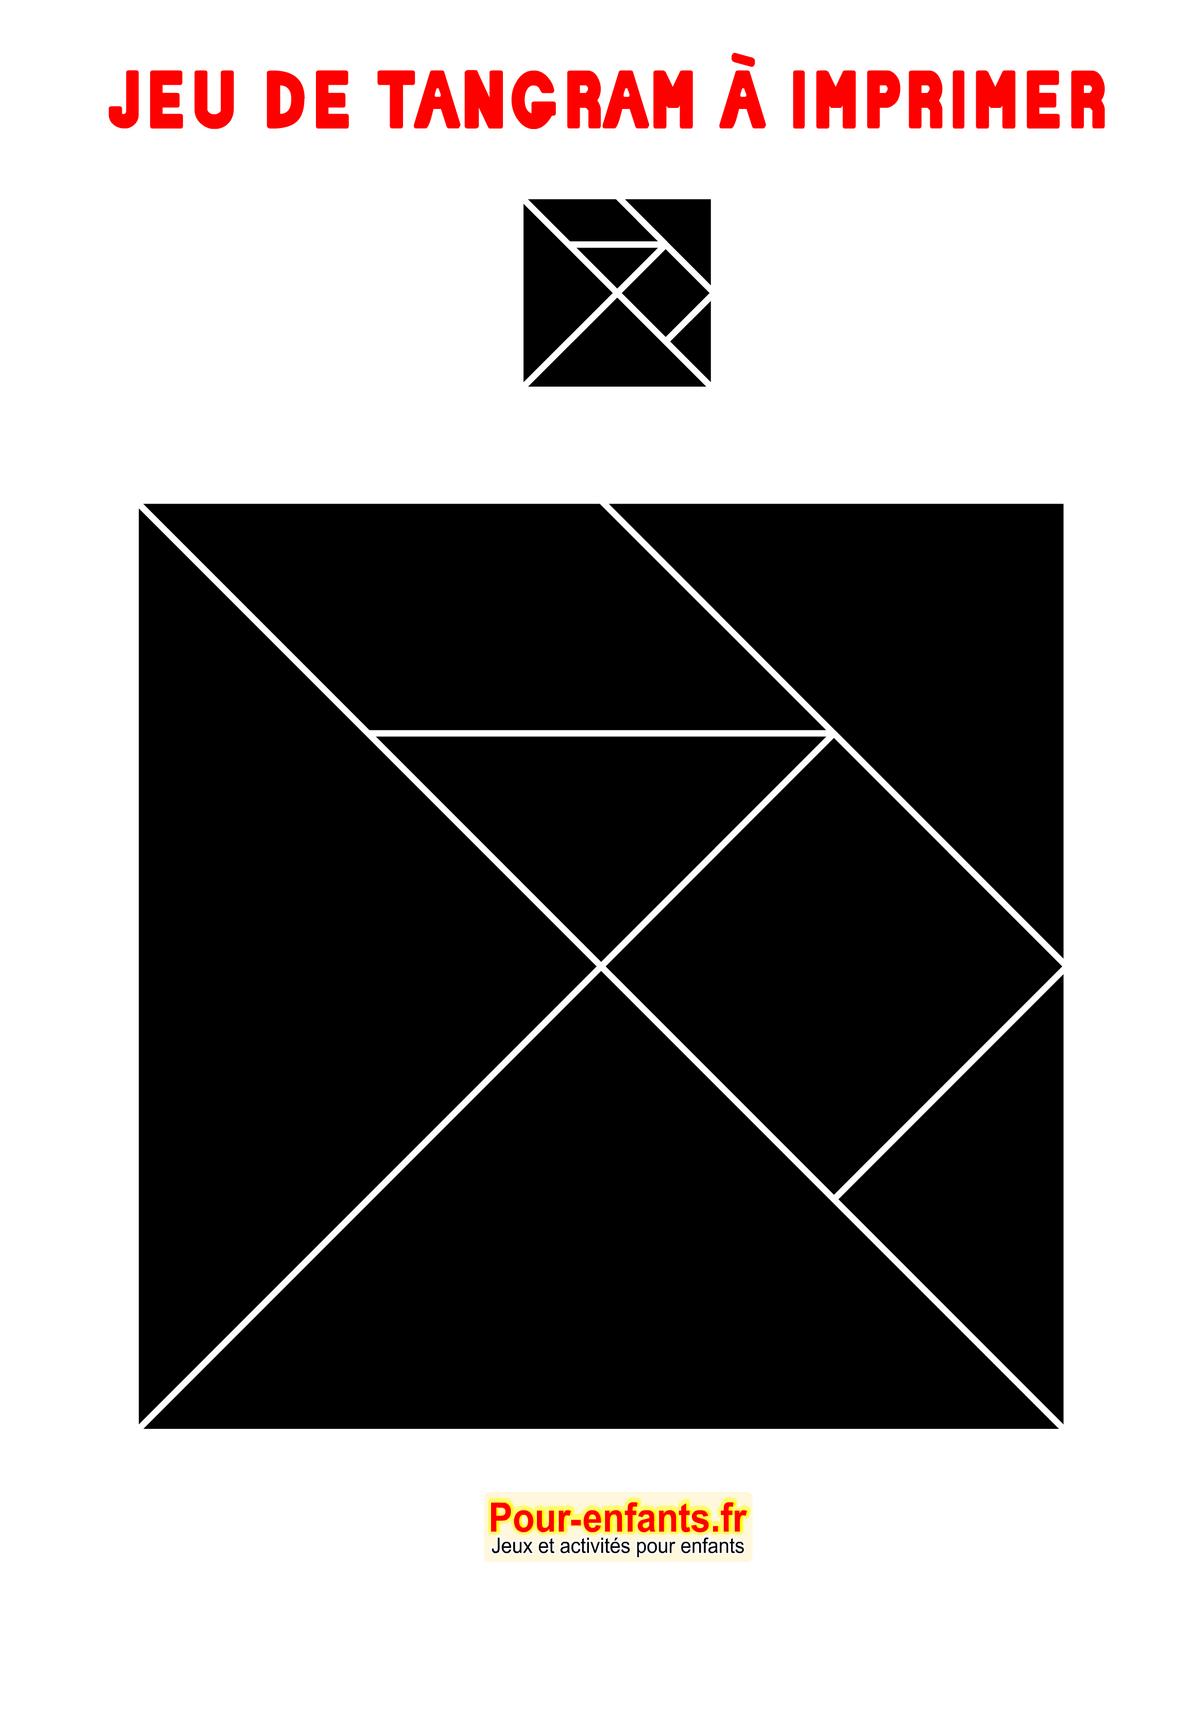 Tangram À Imprimer Maternelle Gratuit Jeux Ms Ps Gs Cp avec Tangram En Maternelle